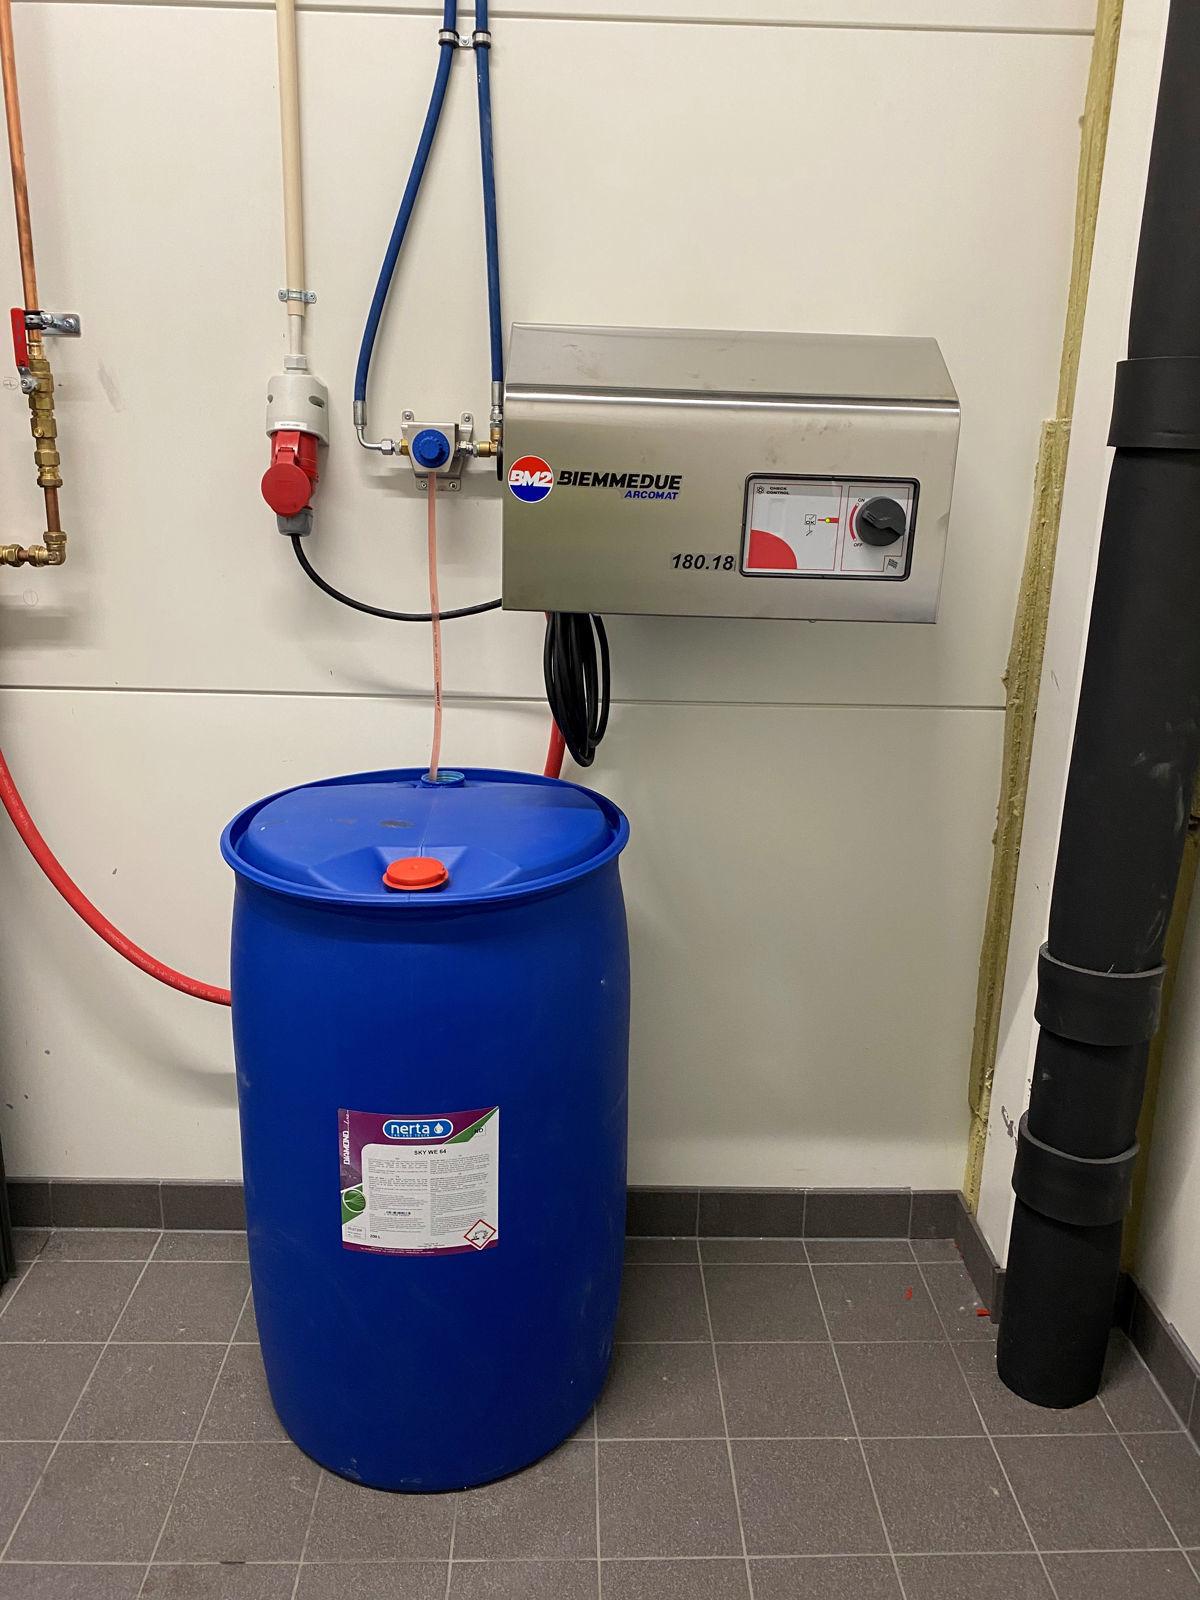 Høytrykksvasker Stasjonær Kaldtvann 180 Bar. 18 Ltr  400 Volt 3-fas